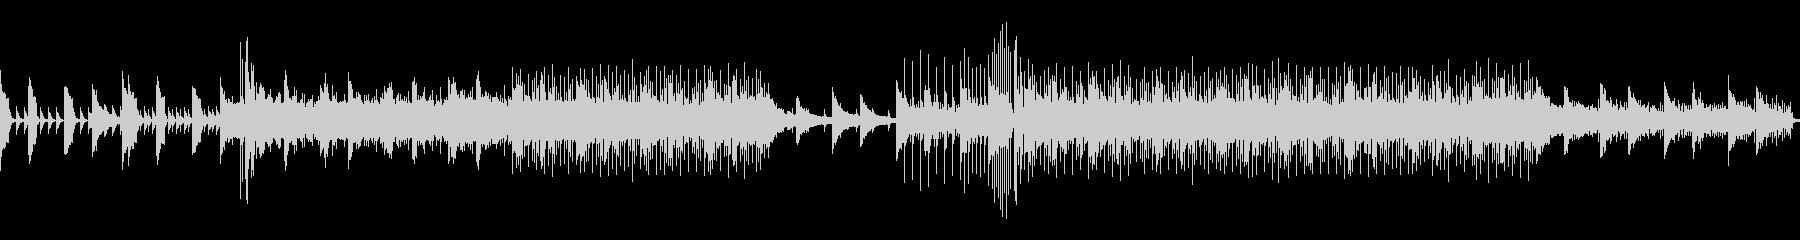 シリアスなピアノとシンセサウンドの未再生の波形